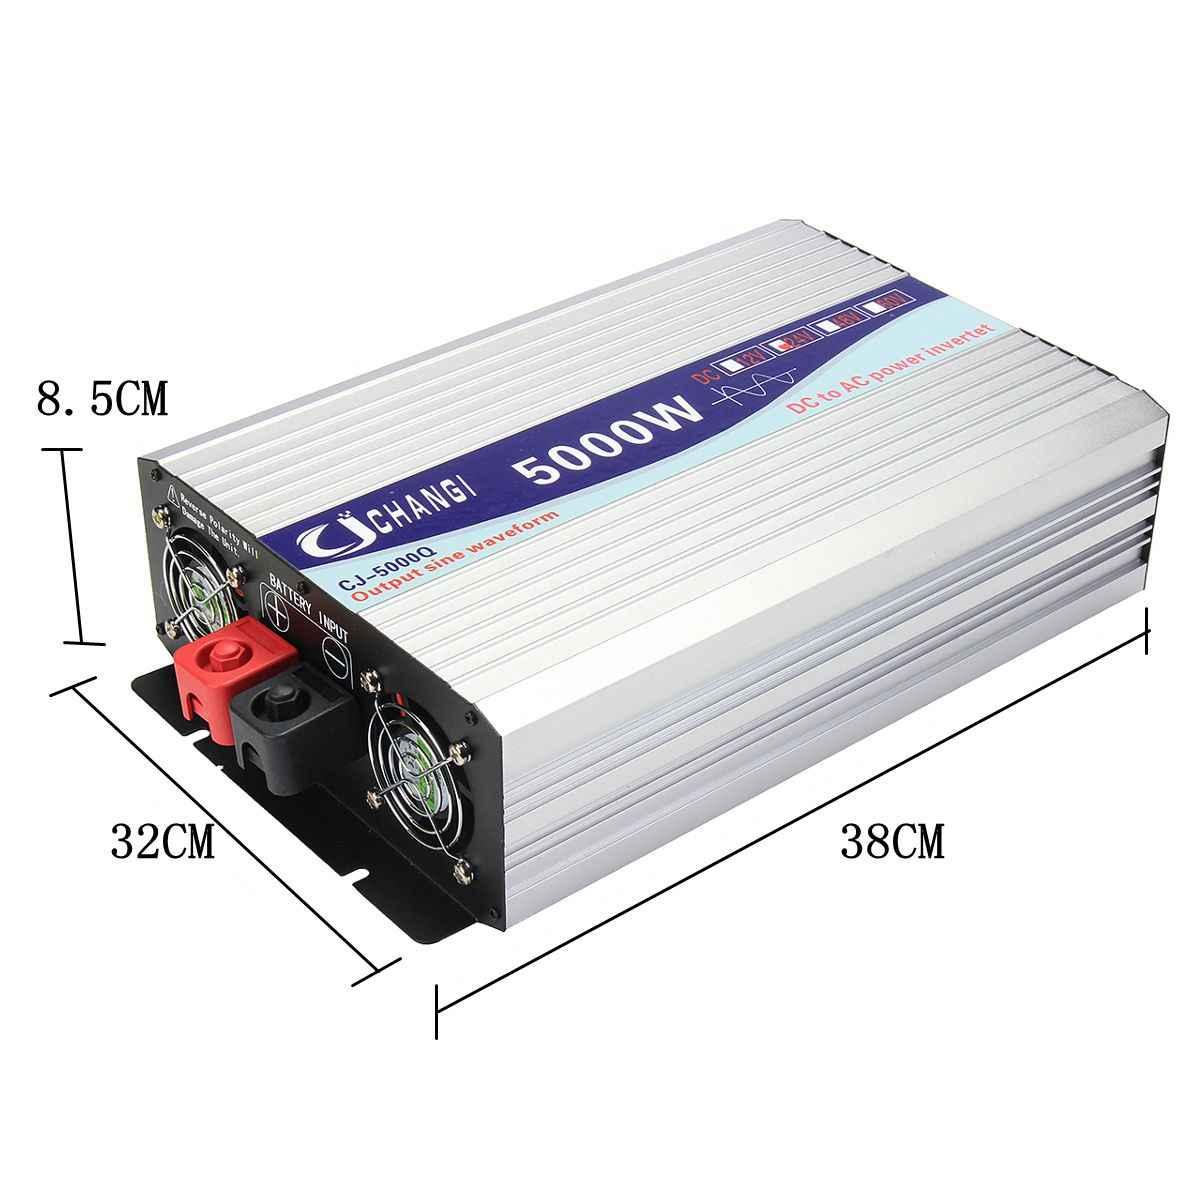 شاشة ذكية موجة جيبية نقية عاكس الطاقة 12 فولت/24 فولت إلى 220 فولت 3000 واط/4000 واط/5000 واط/6000 واط محول